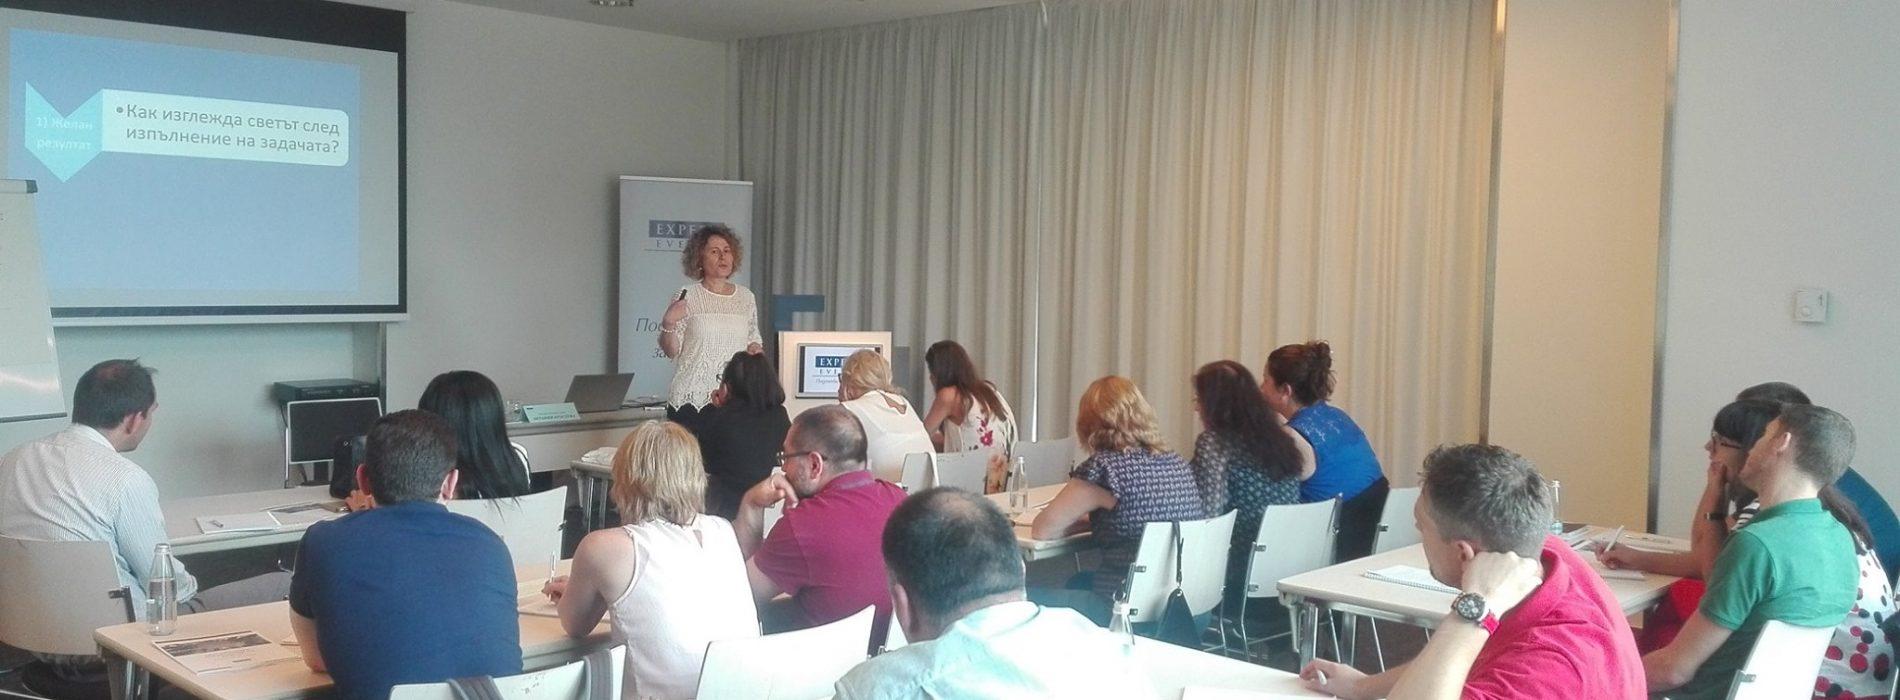 Антония Кръстева води обучение за мениджъри 2